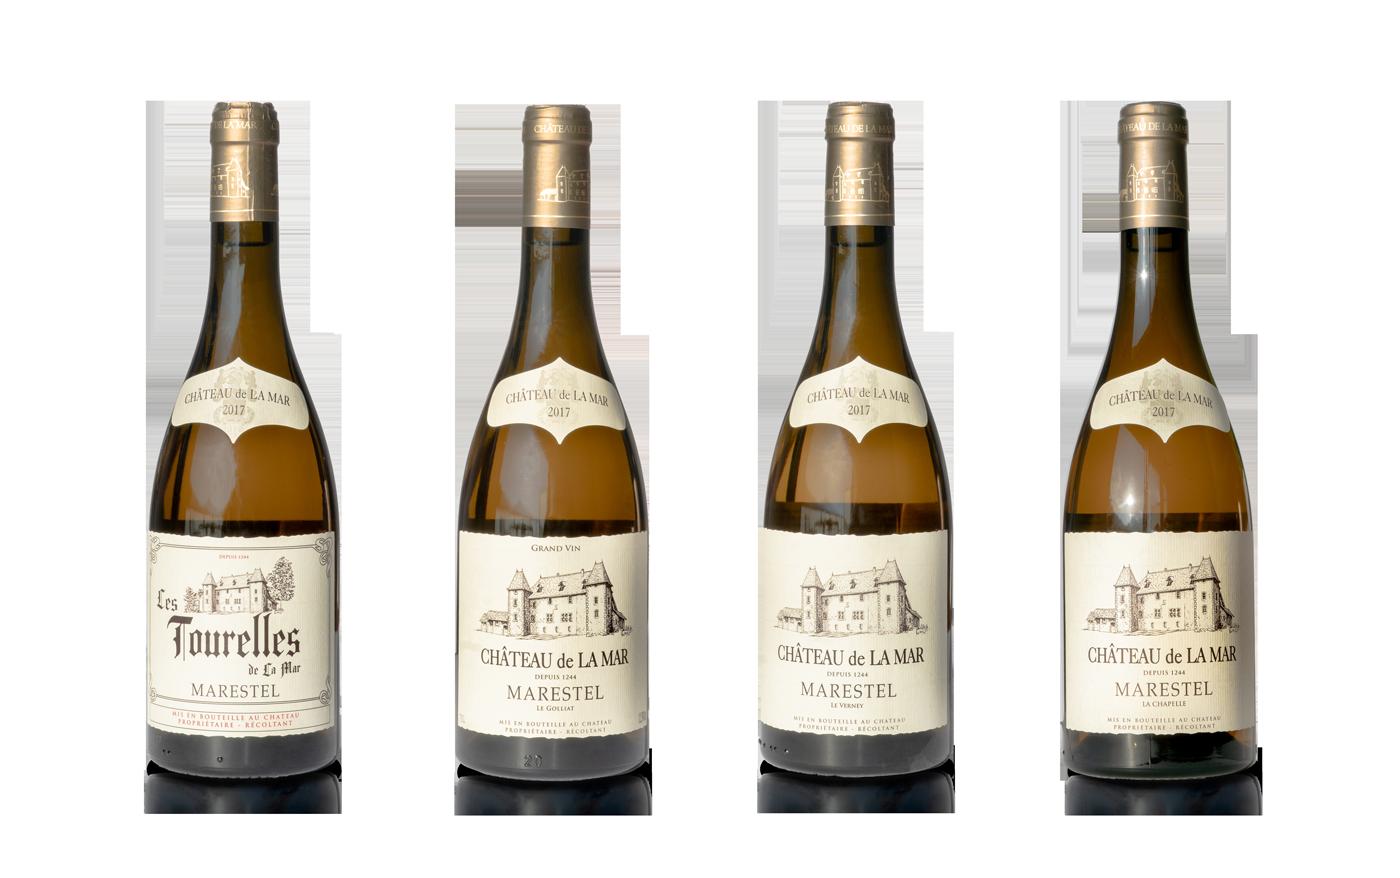 Les Marestel Vins Blancs de Savoie - Chateau de La Mar